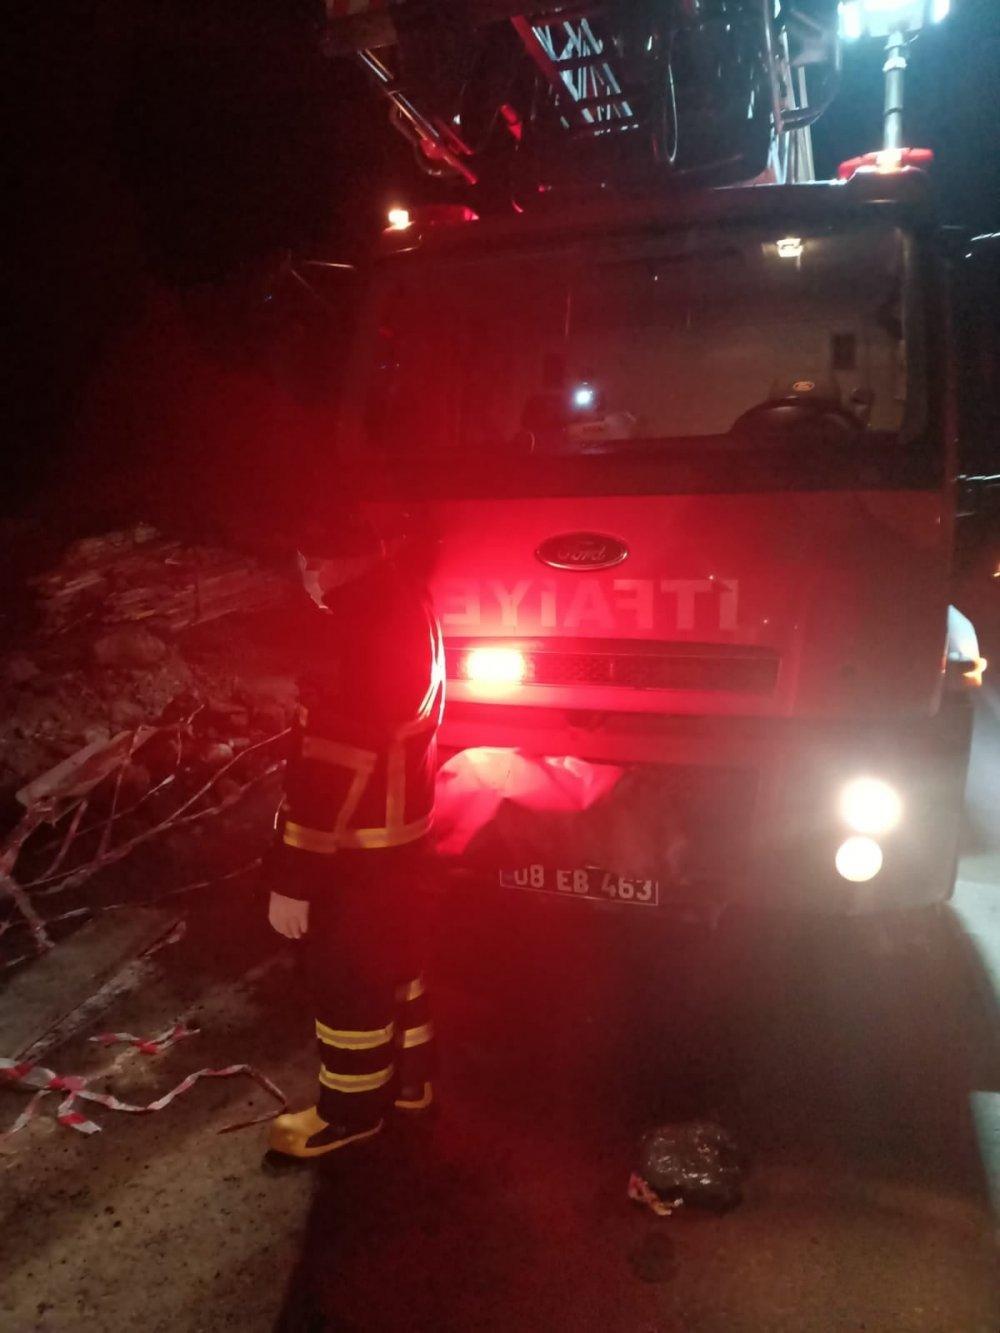 Artvin'de otomobil duvara çarptı: 2 yaralı